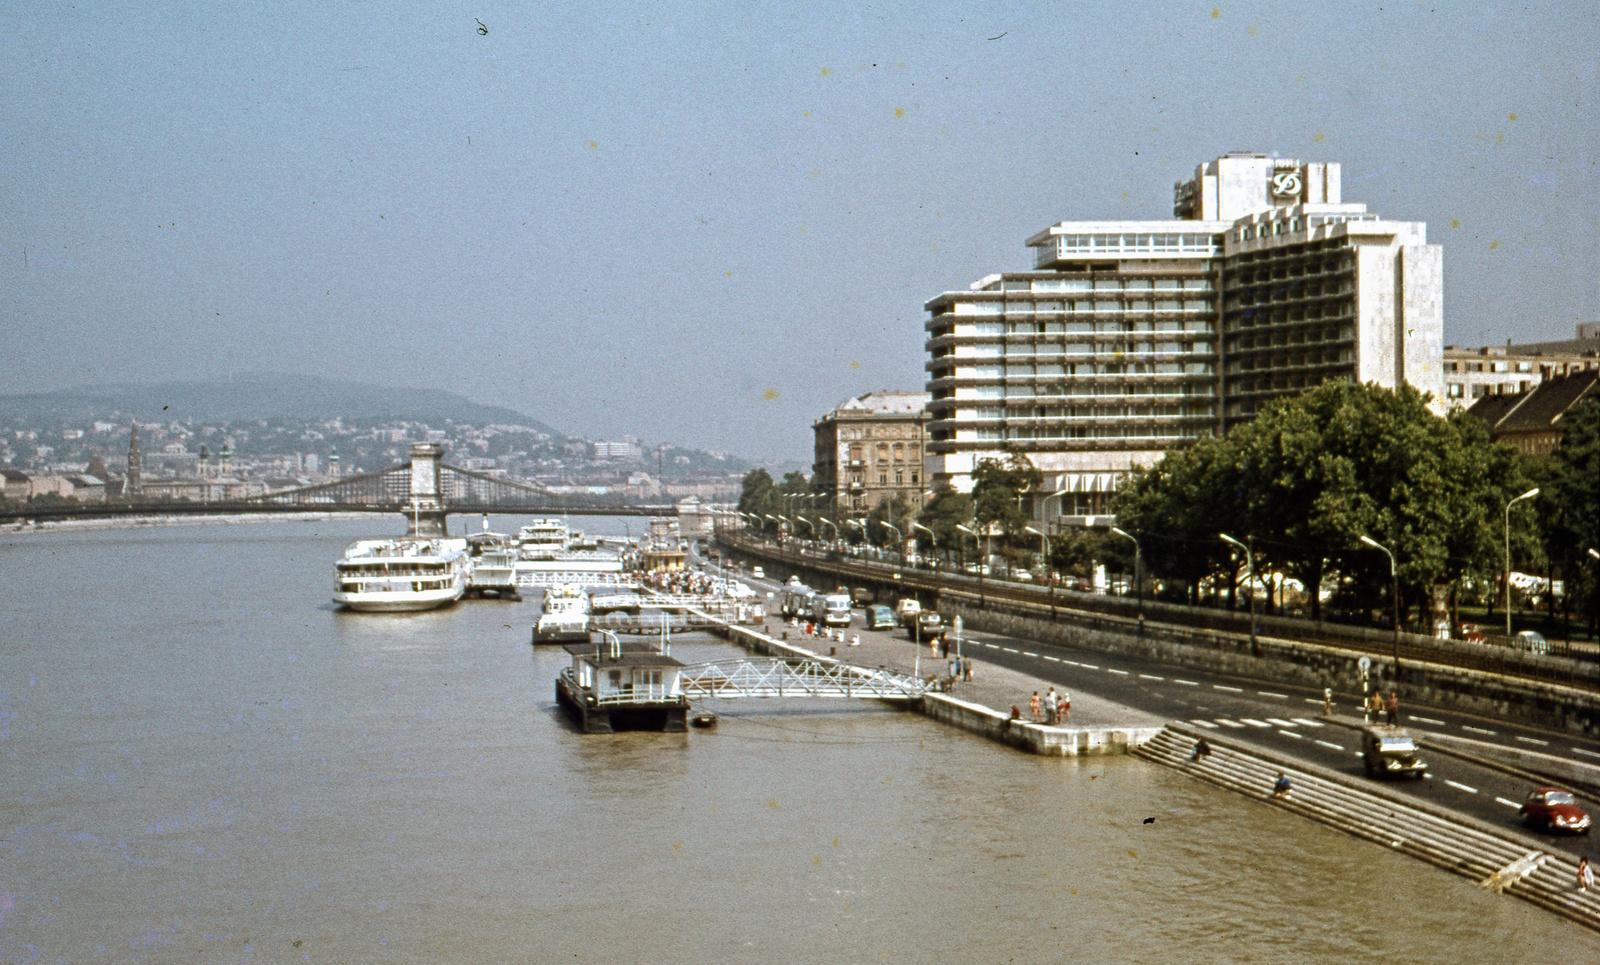 Intercontinental-Marriott-1970esEvek-fortepan.hu-70020